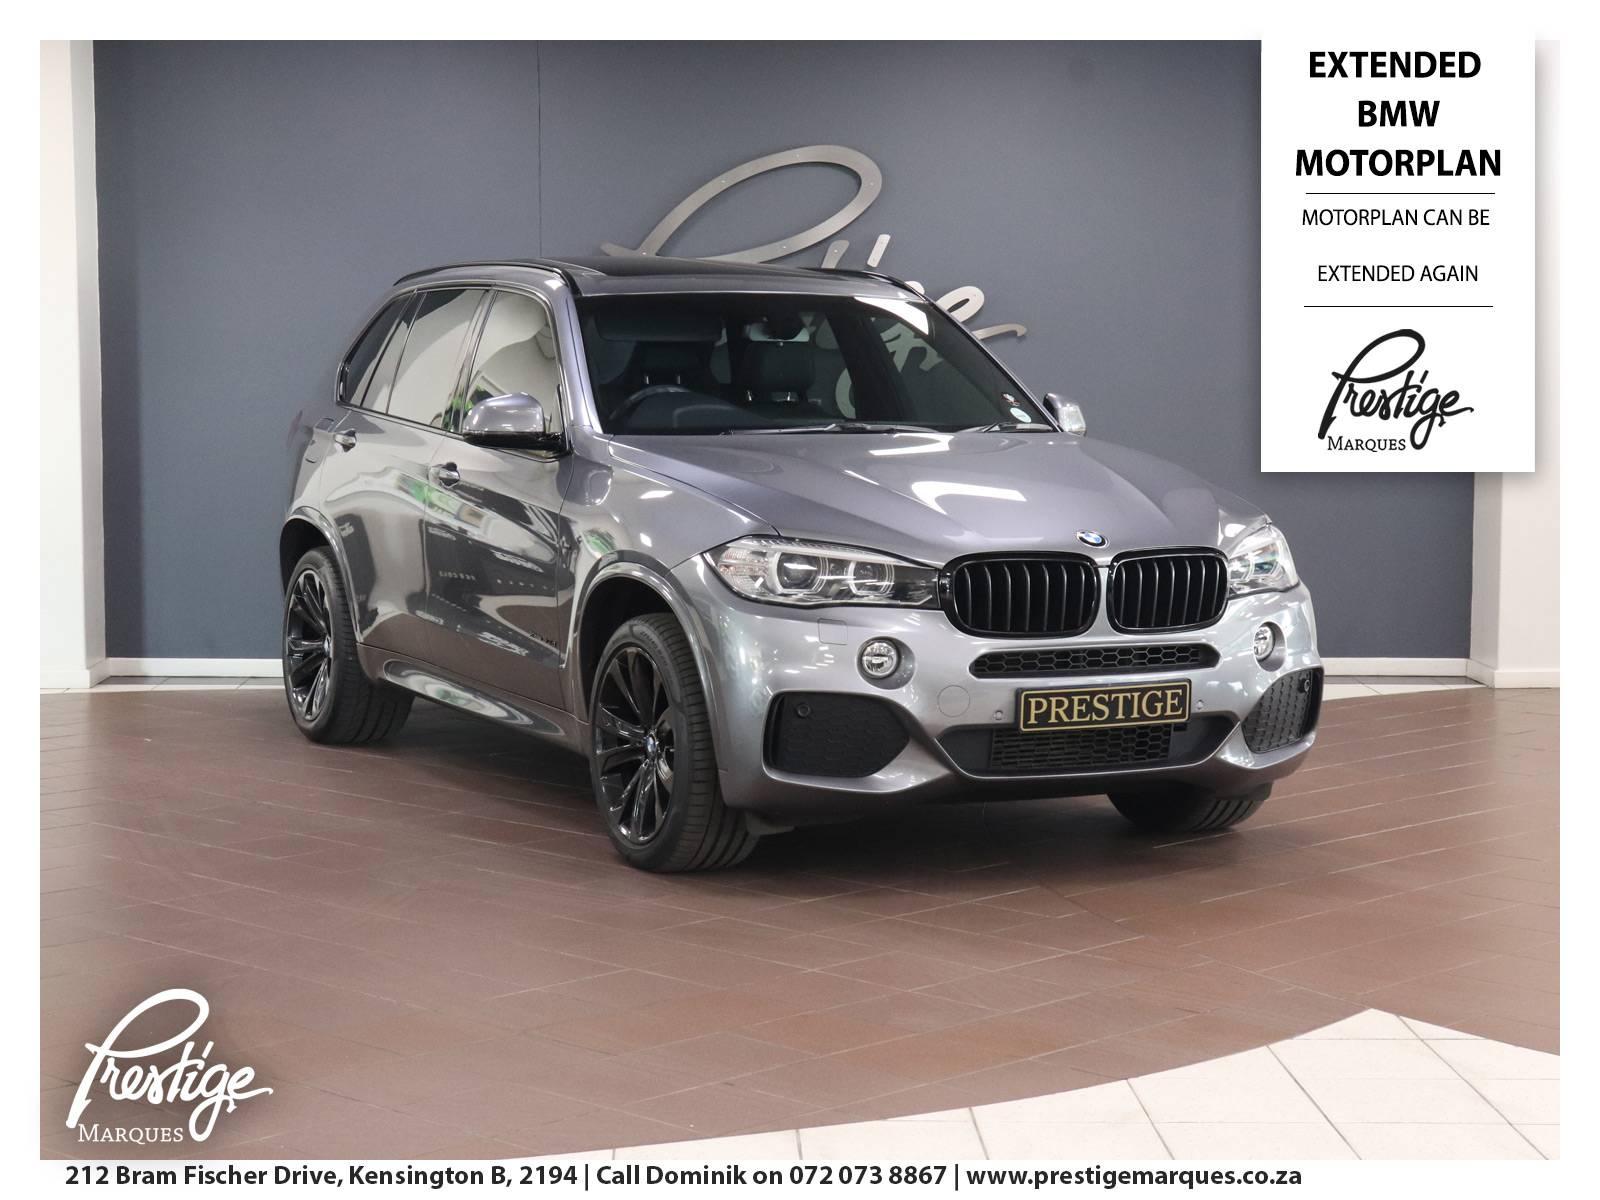 2015-BMW-X5-30d-M-Sport-X-drive-Prestige-Marques-1